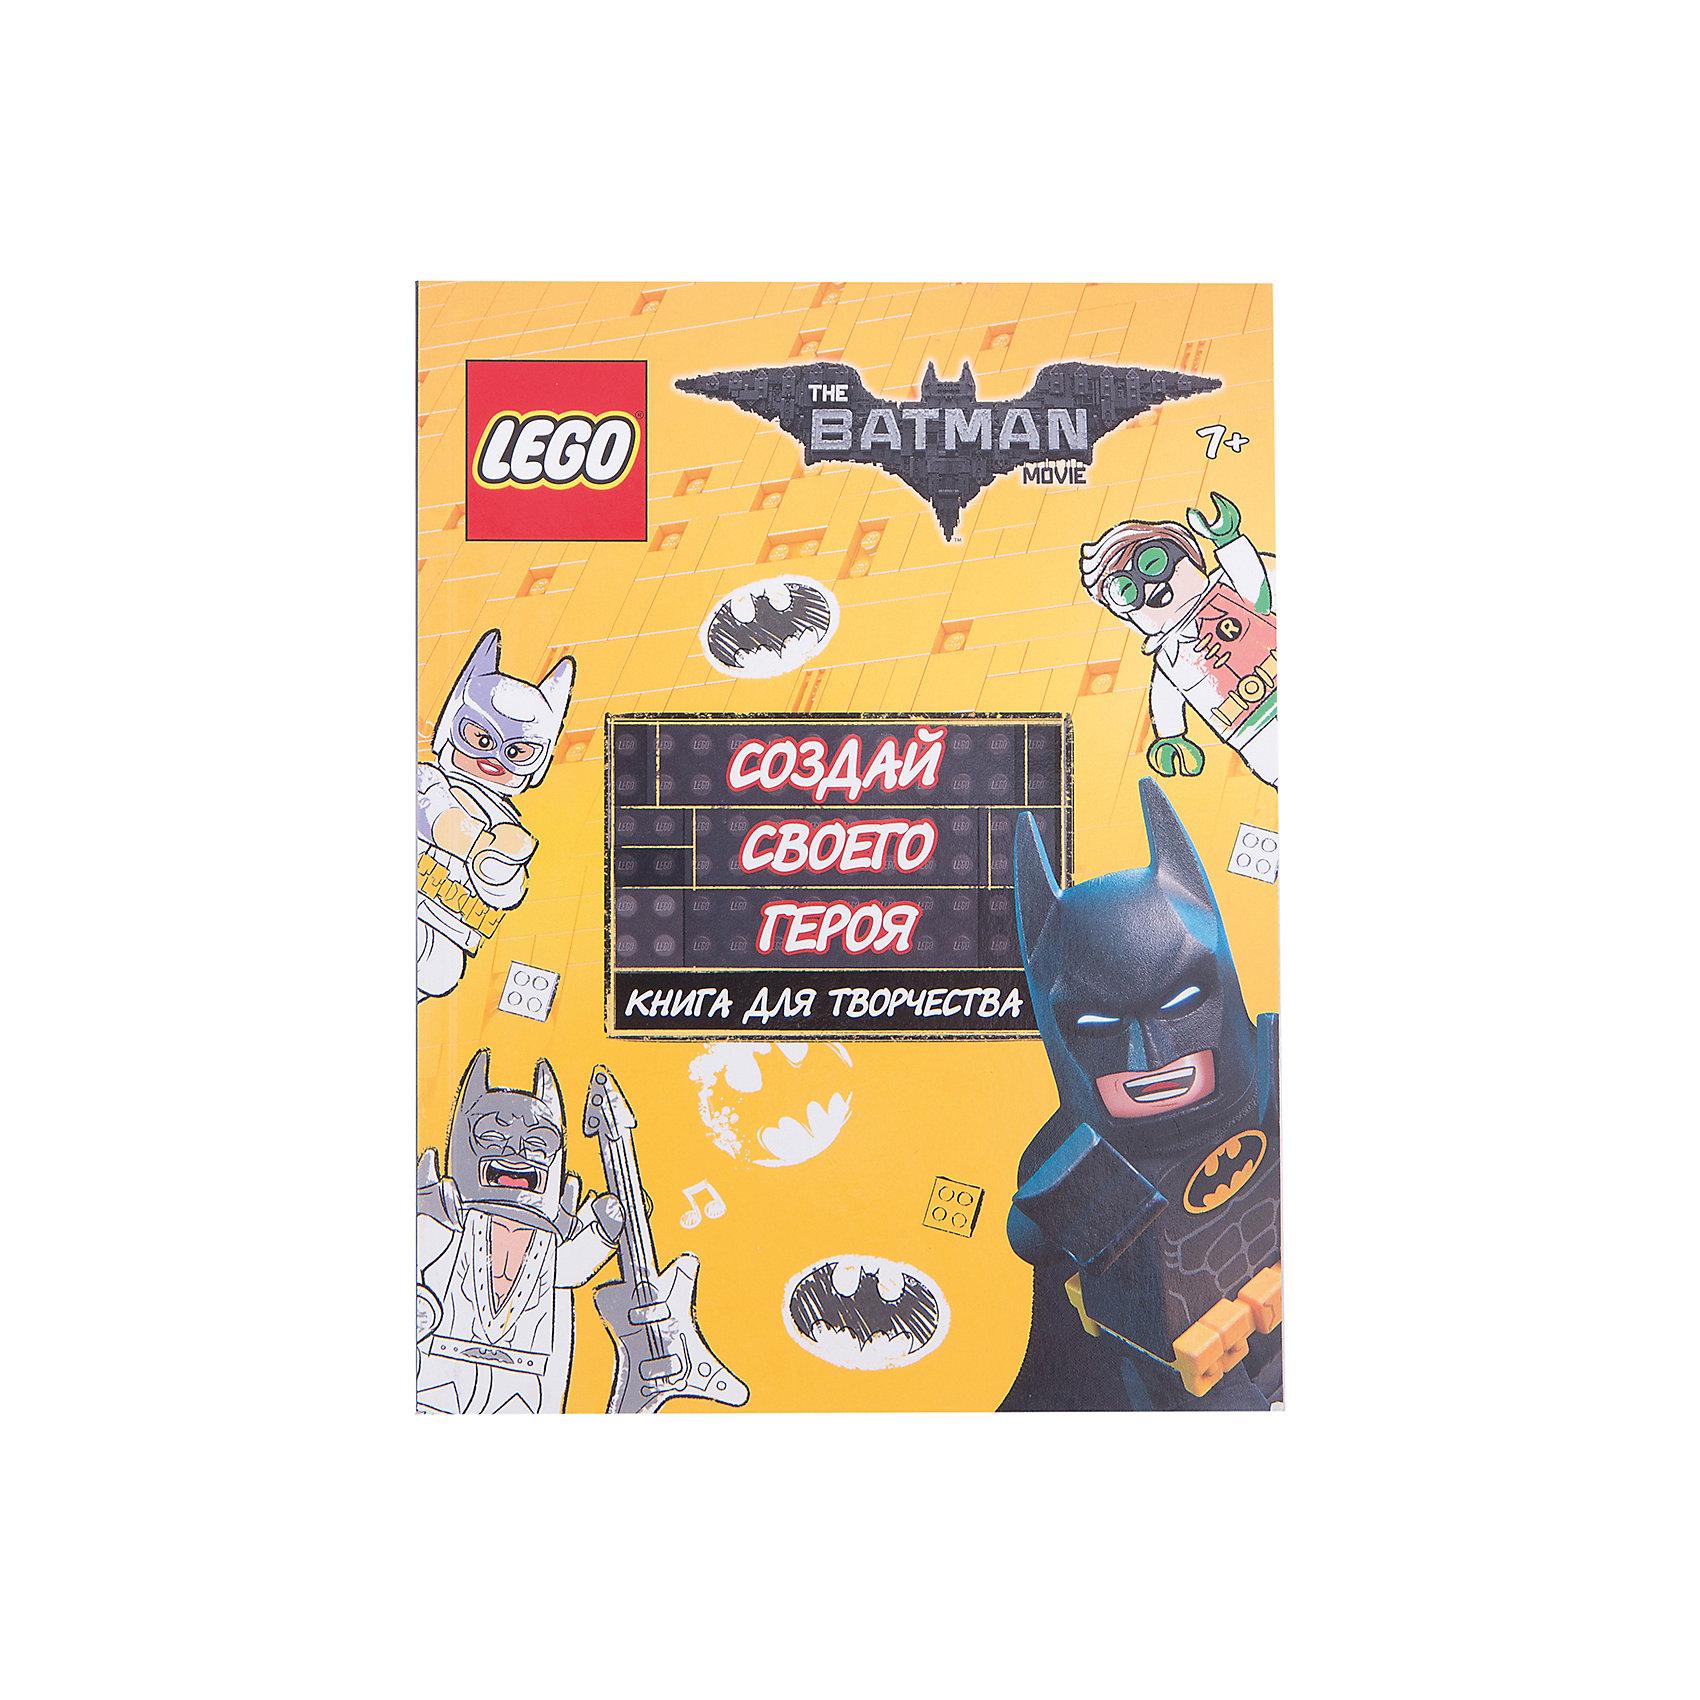 Книга Создай своего героя, LEGO Batman MovieПомоги Бэтмену, Бэтгёрл и Робину защитить Готэм от атак Джокера и его банды злодеев. Придумывай, дорисовывай, раскрашивай, проходи лабиринты и тесты от Бэтмена. Эта книга – для настоящих поклонников Бэтмена всех возрастов. И, если уж начистоту, разве есть среди нас кто-нибудь, кто не знал бы Бэтмена? Его знают все!<br><br>Ширина мм: 240<br>Глубина мм: 185<br>Высота мм: 90<br>Вес г: 324<br>Возраст от месяцев: 72<br>Возраст до месяцев: 2147483647<br>Пол: Унисекс<br>Возраст: Детский<br>SKU: 5535444